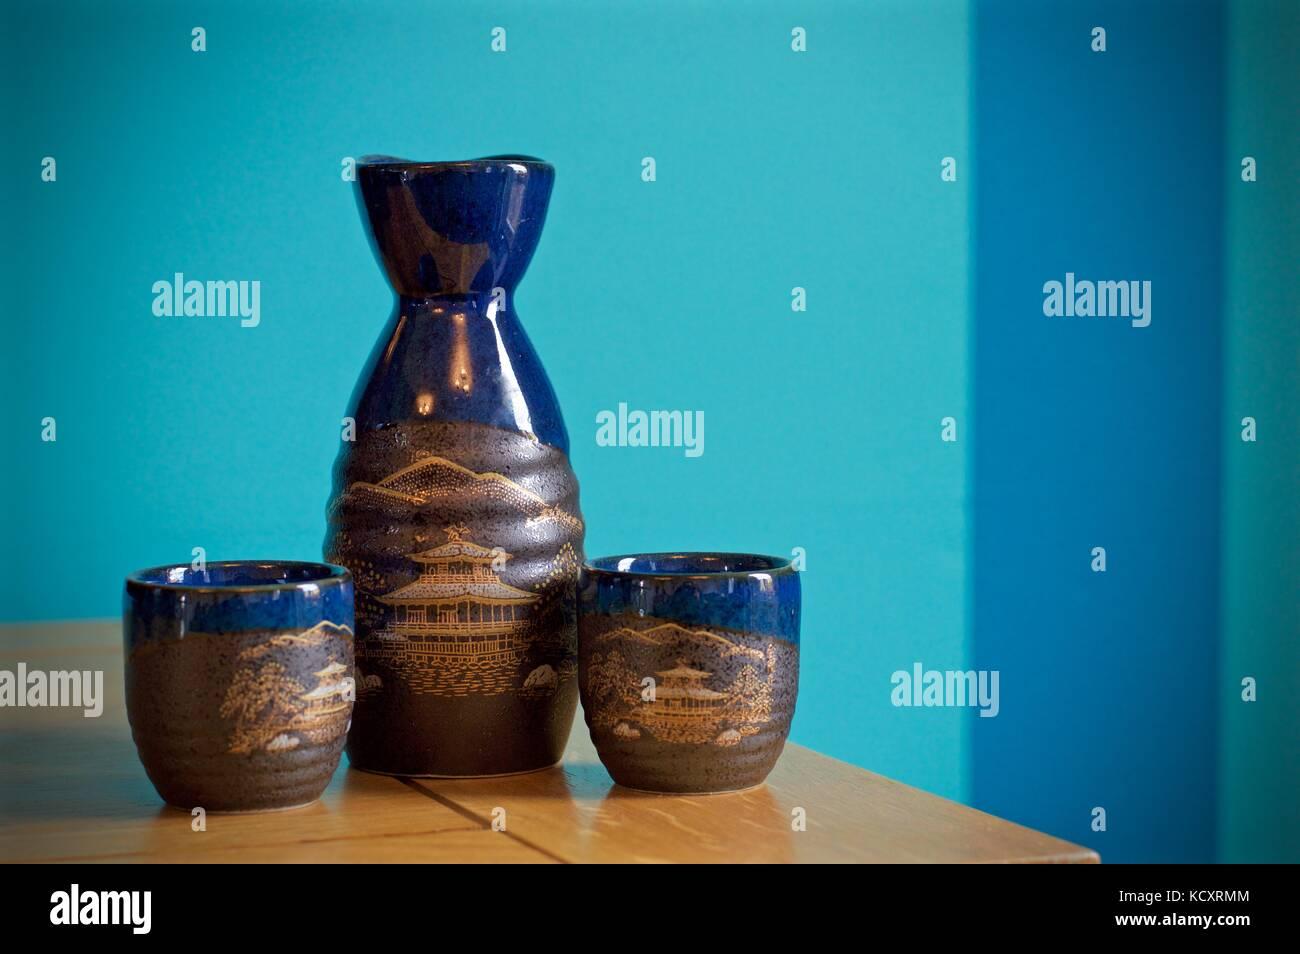 Japanese sake set on sideboard - Stock Image